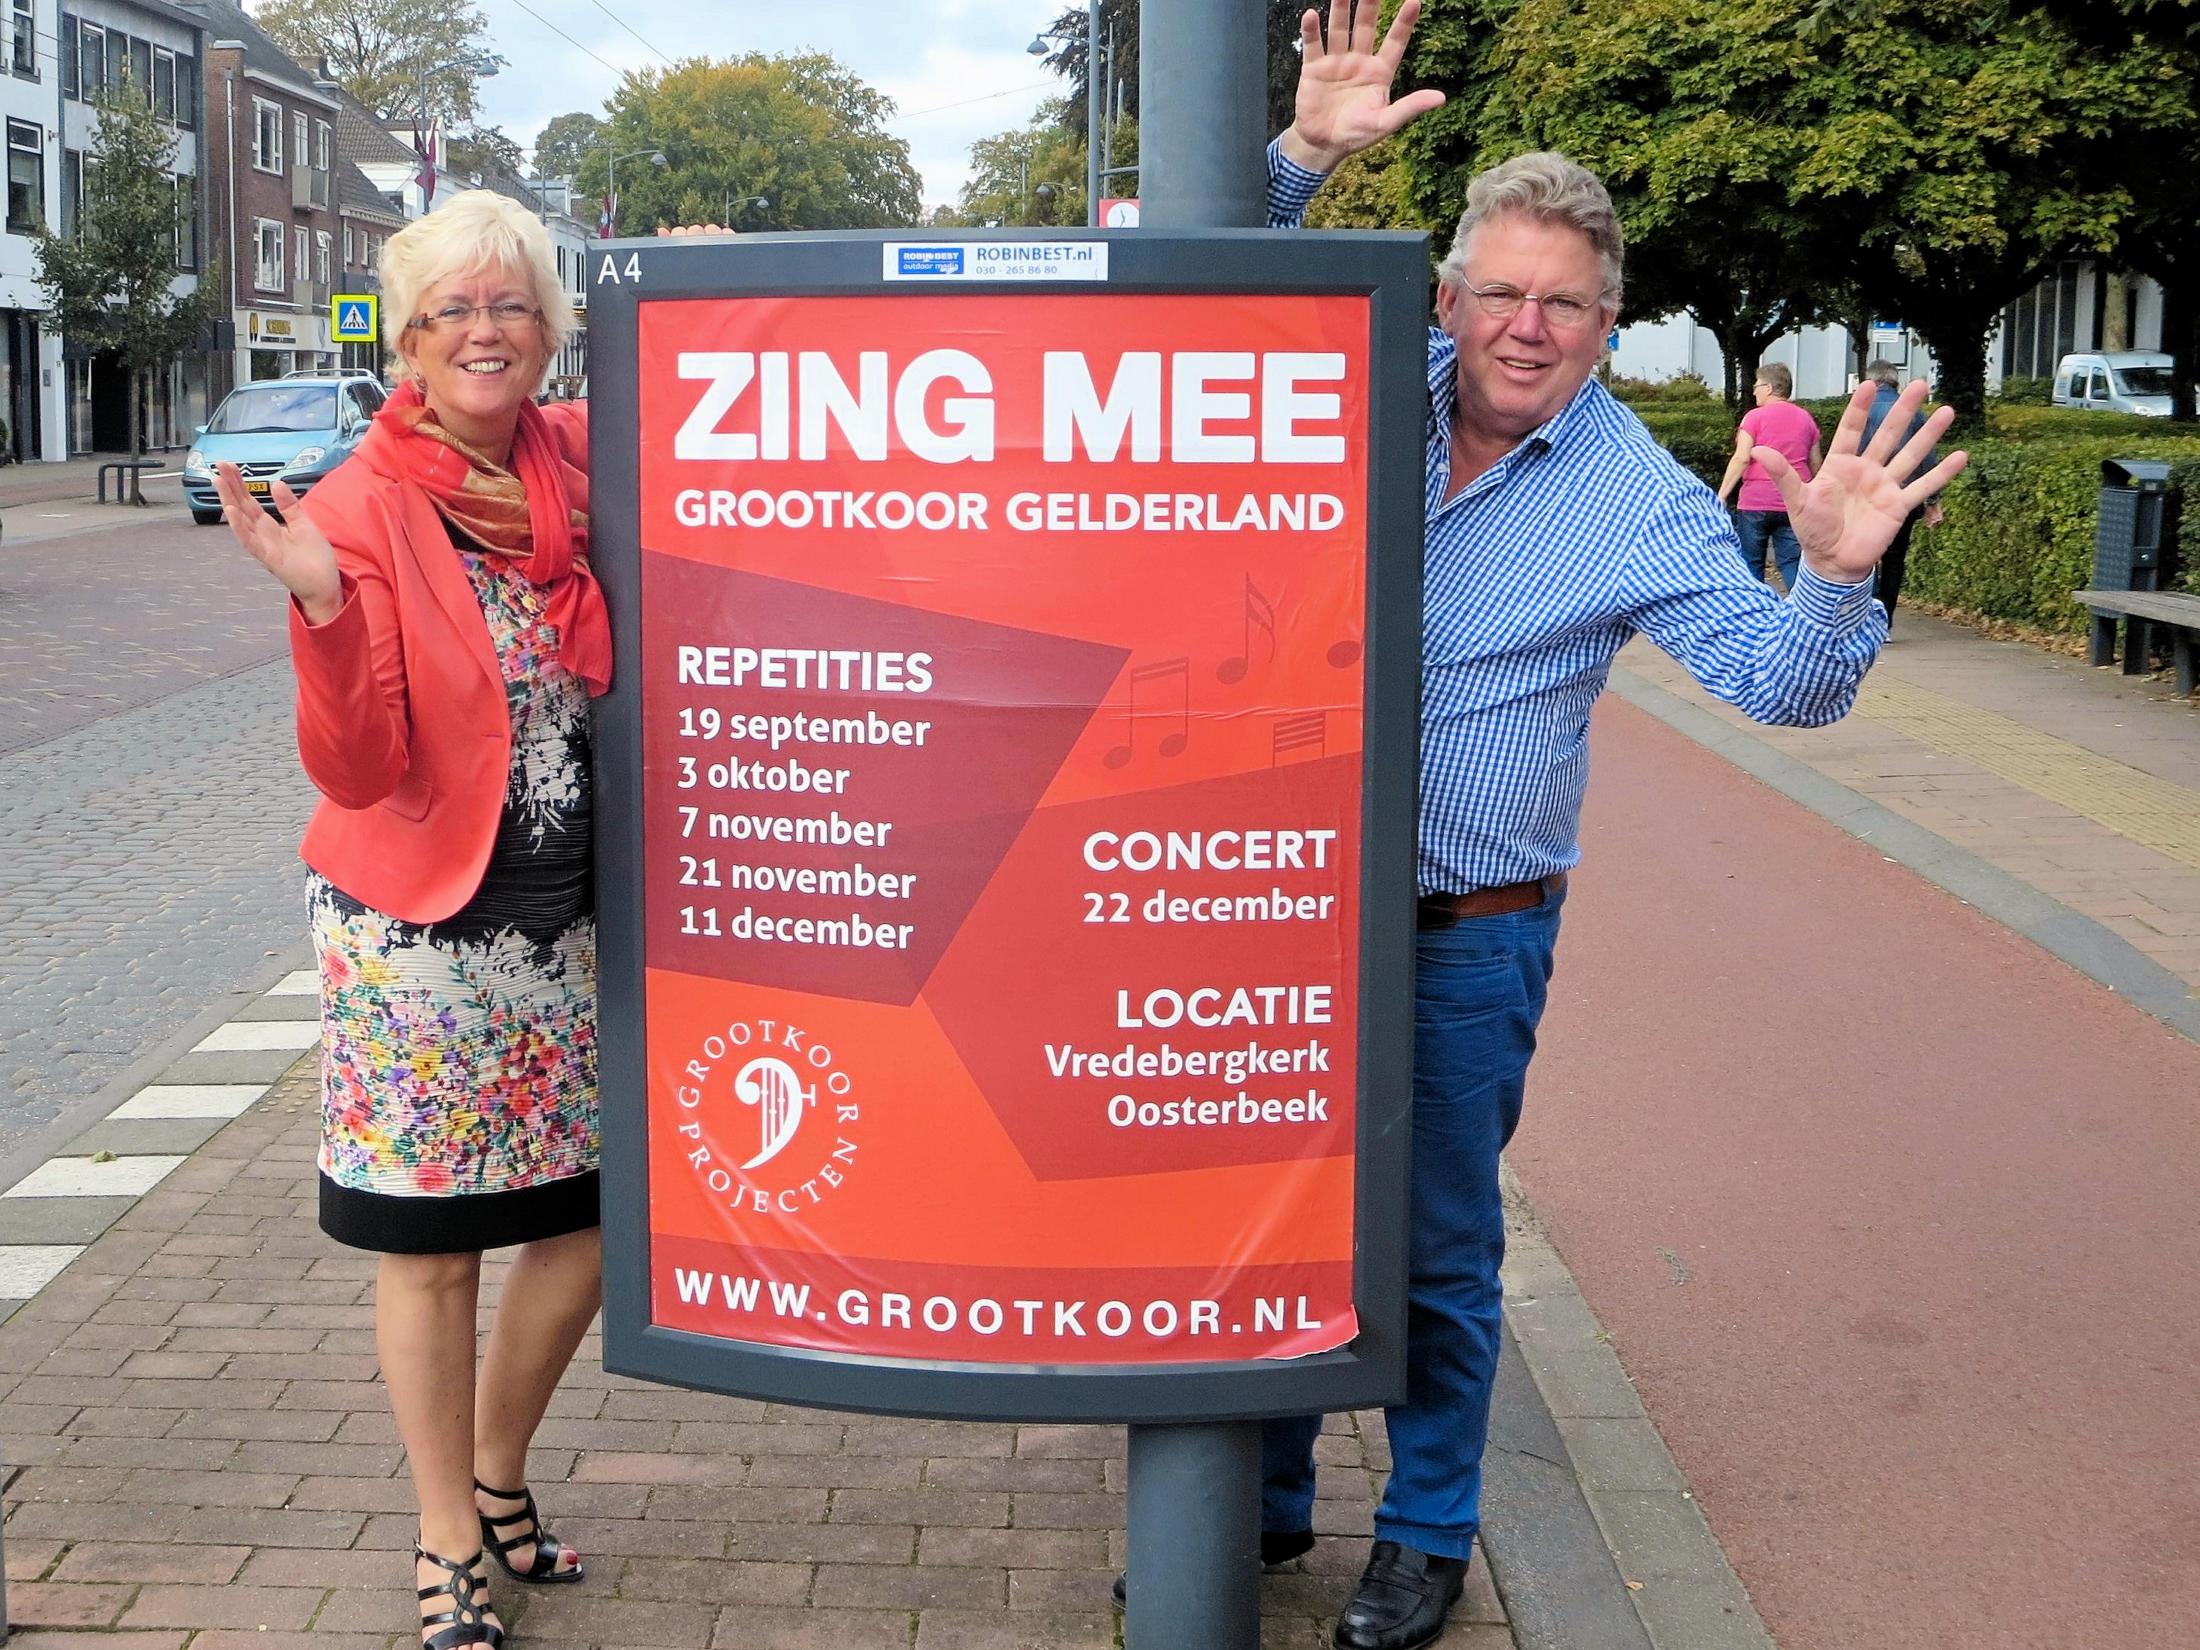 Zing Mee bew 1